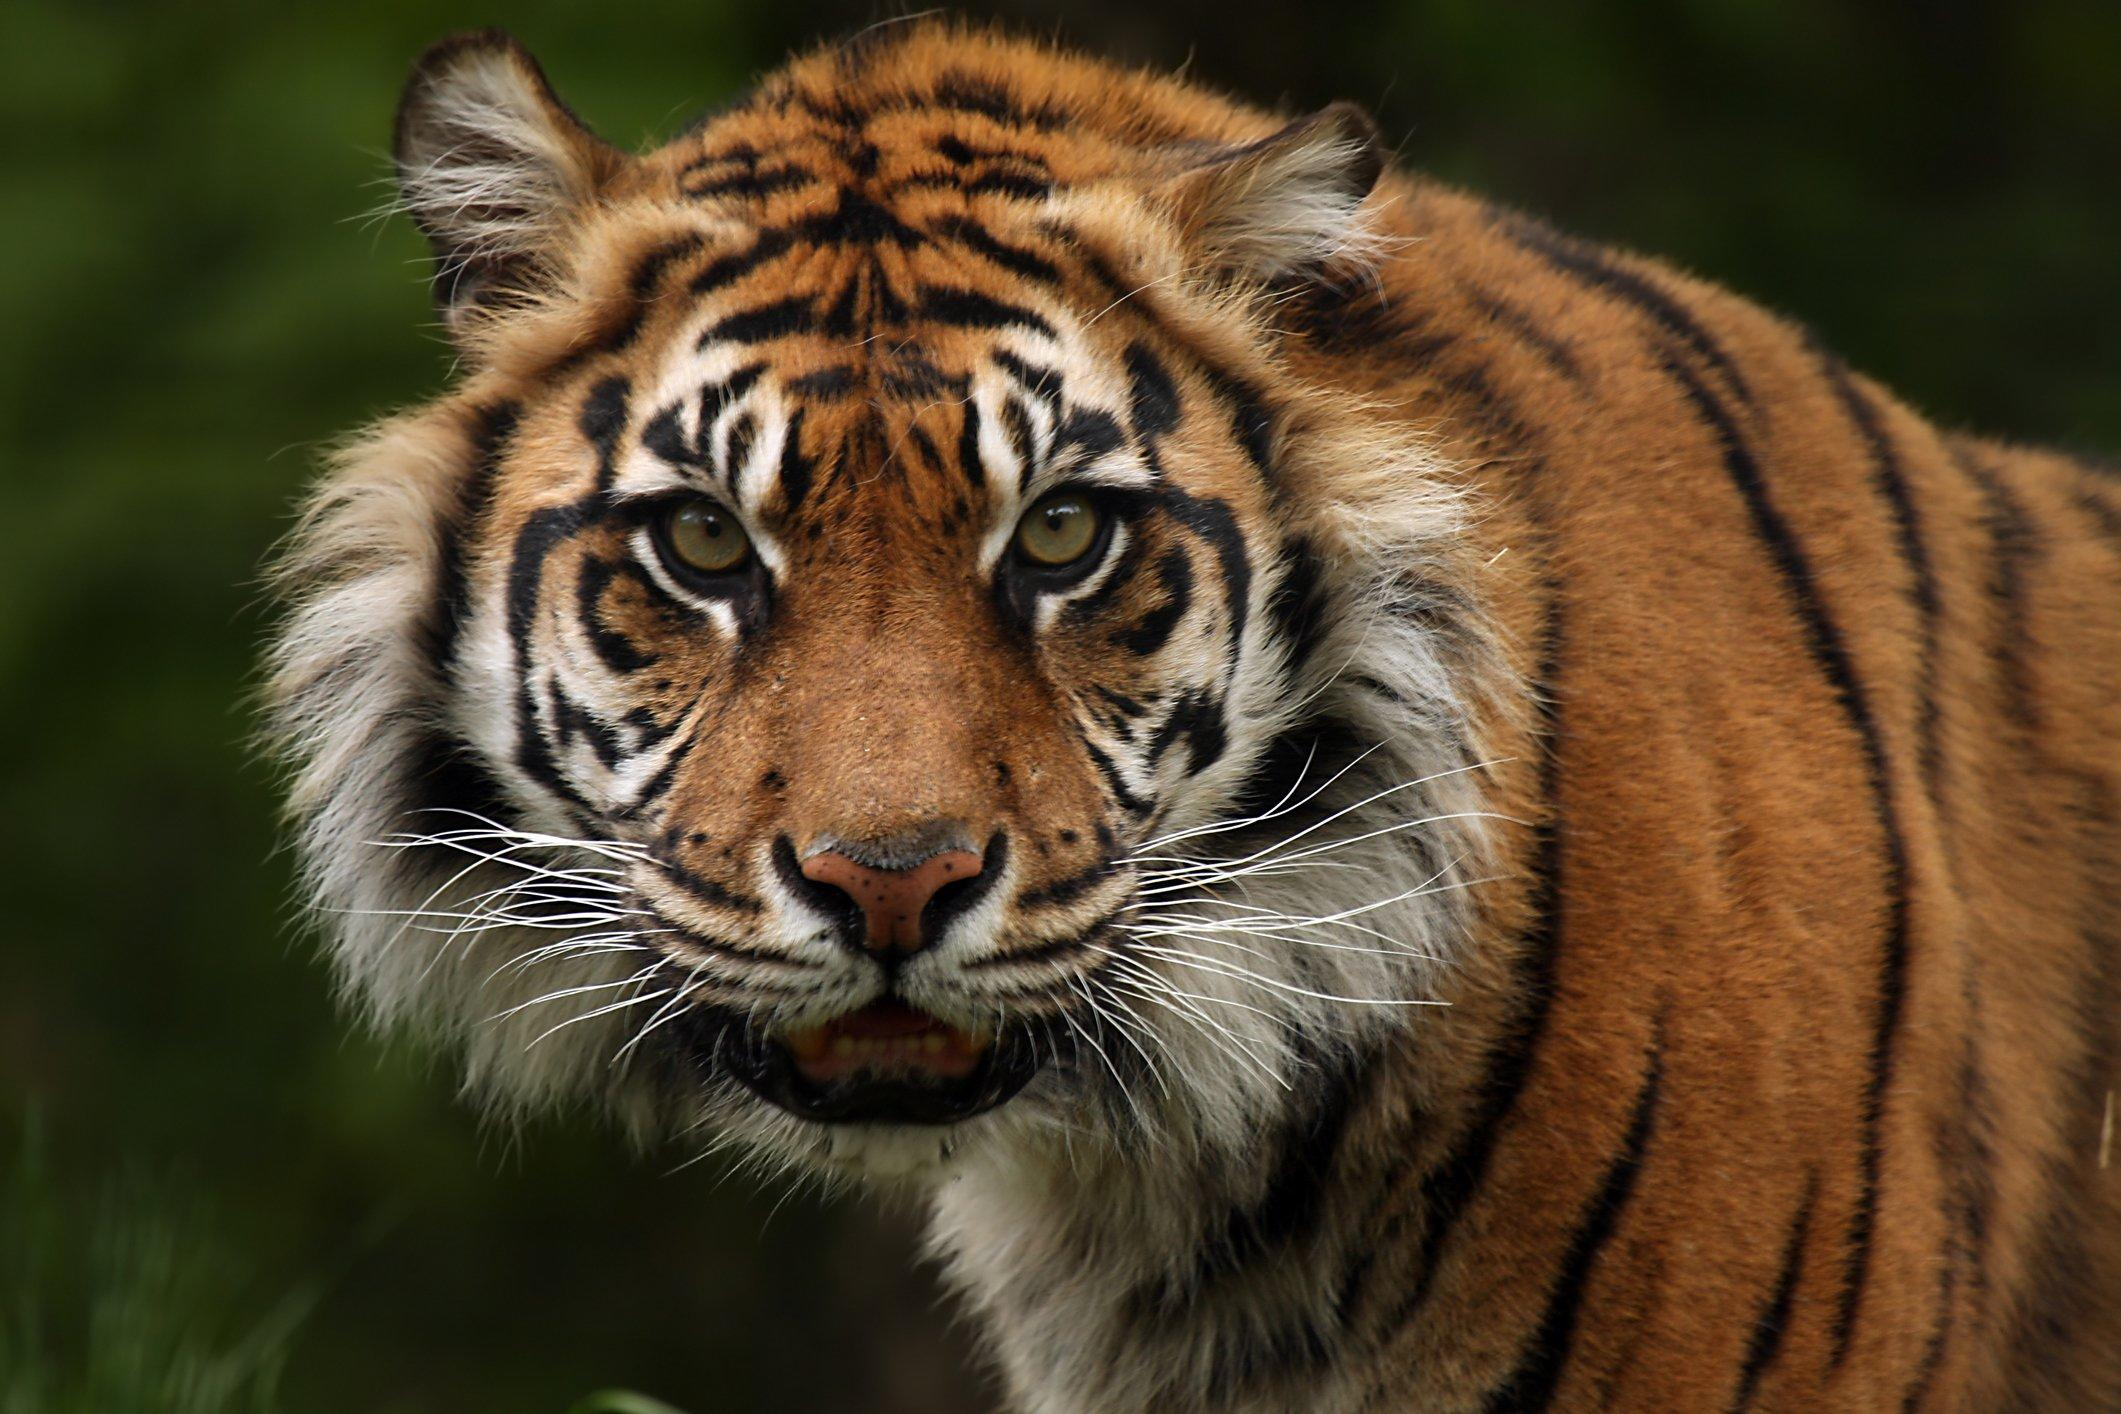 Tiger Attacks Keeper in Topeka, Kansas Zoo